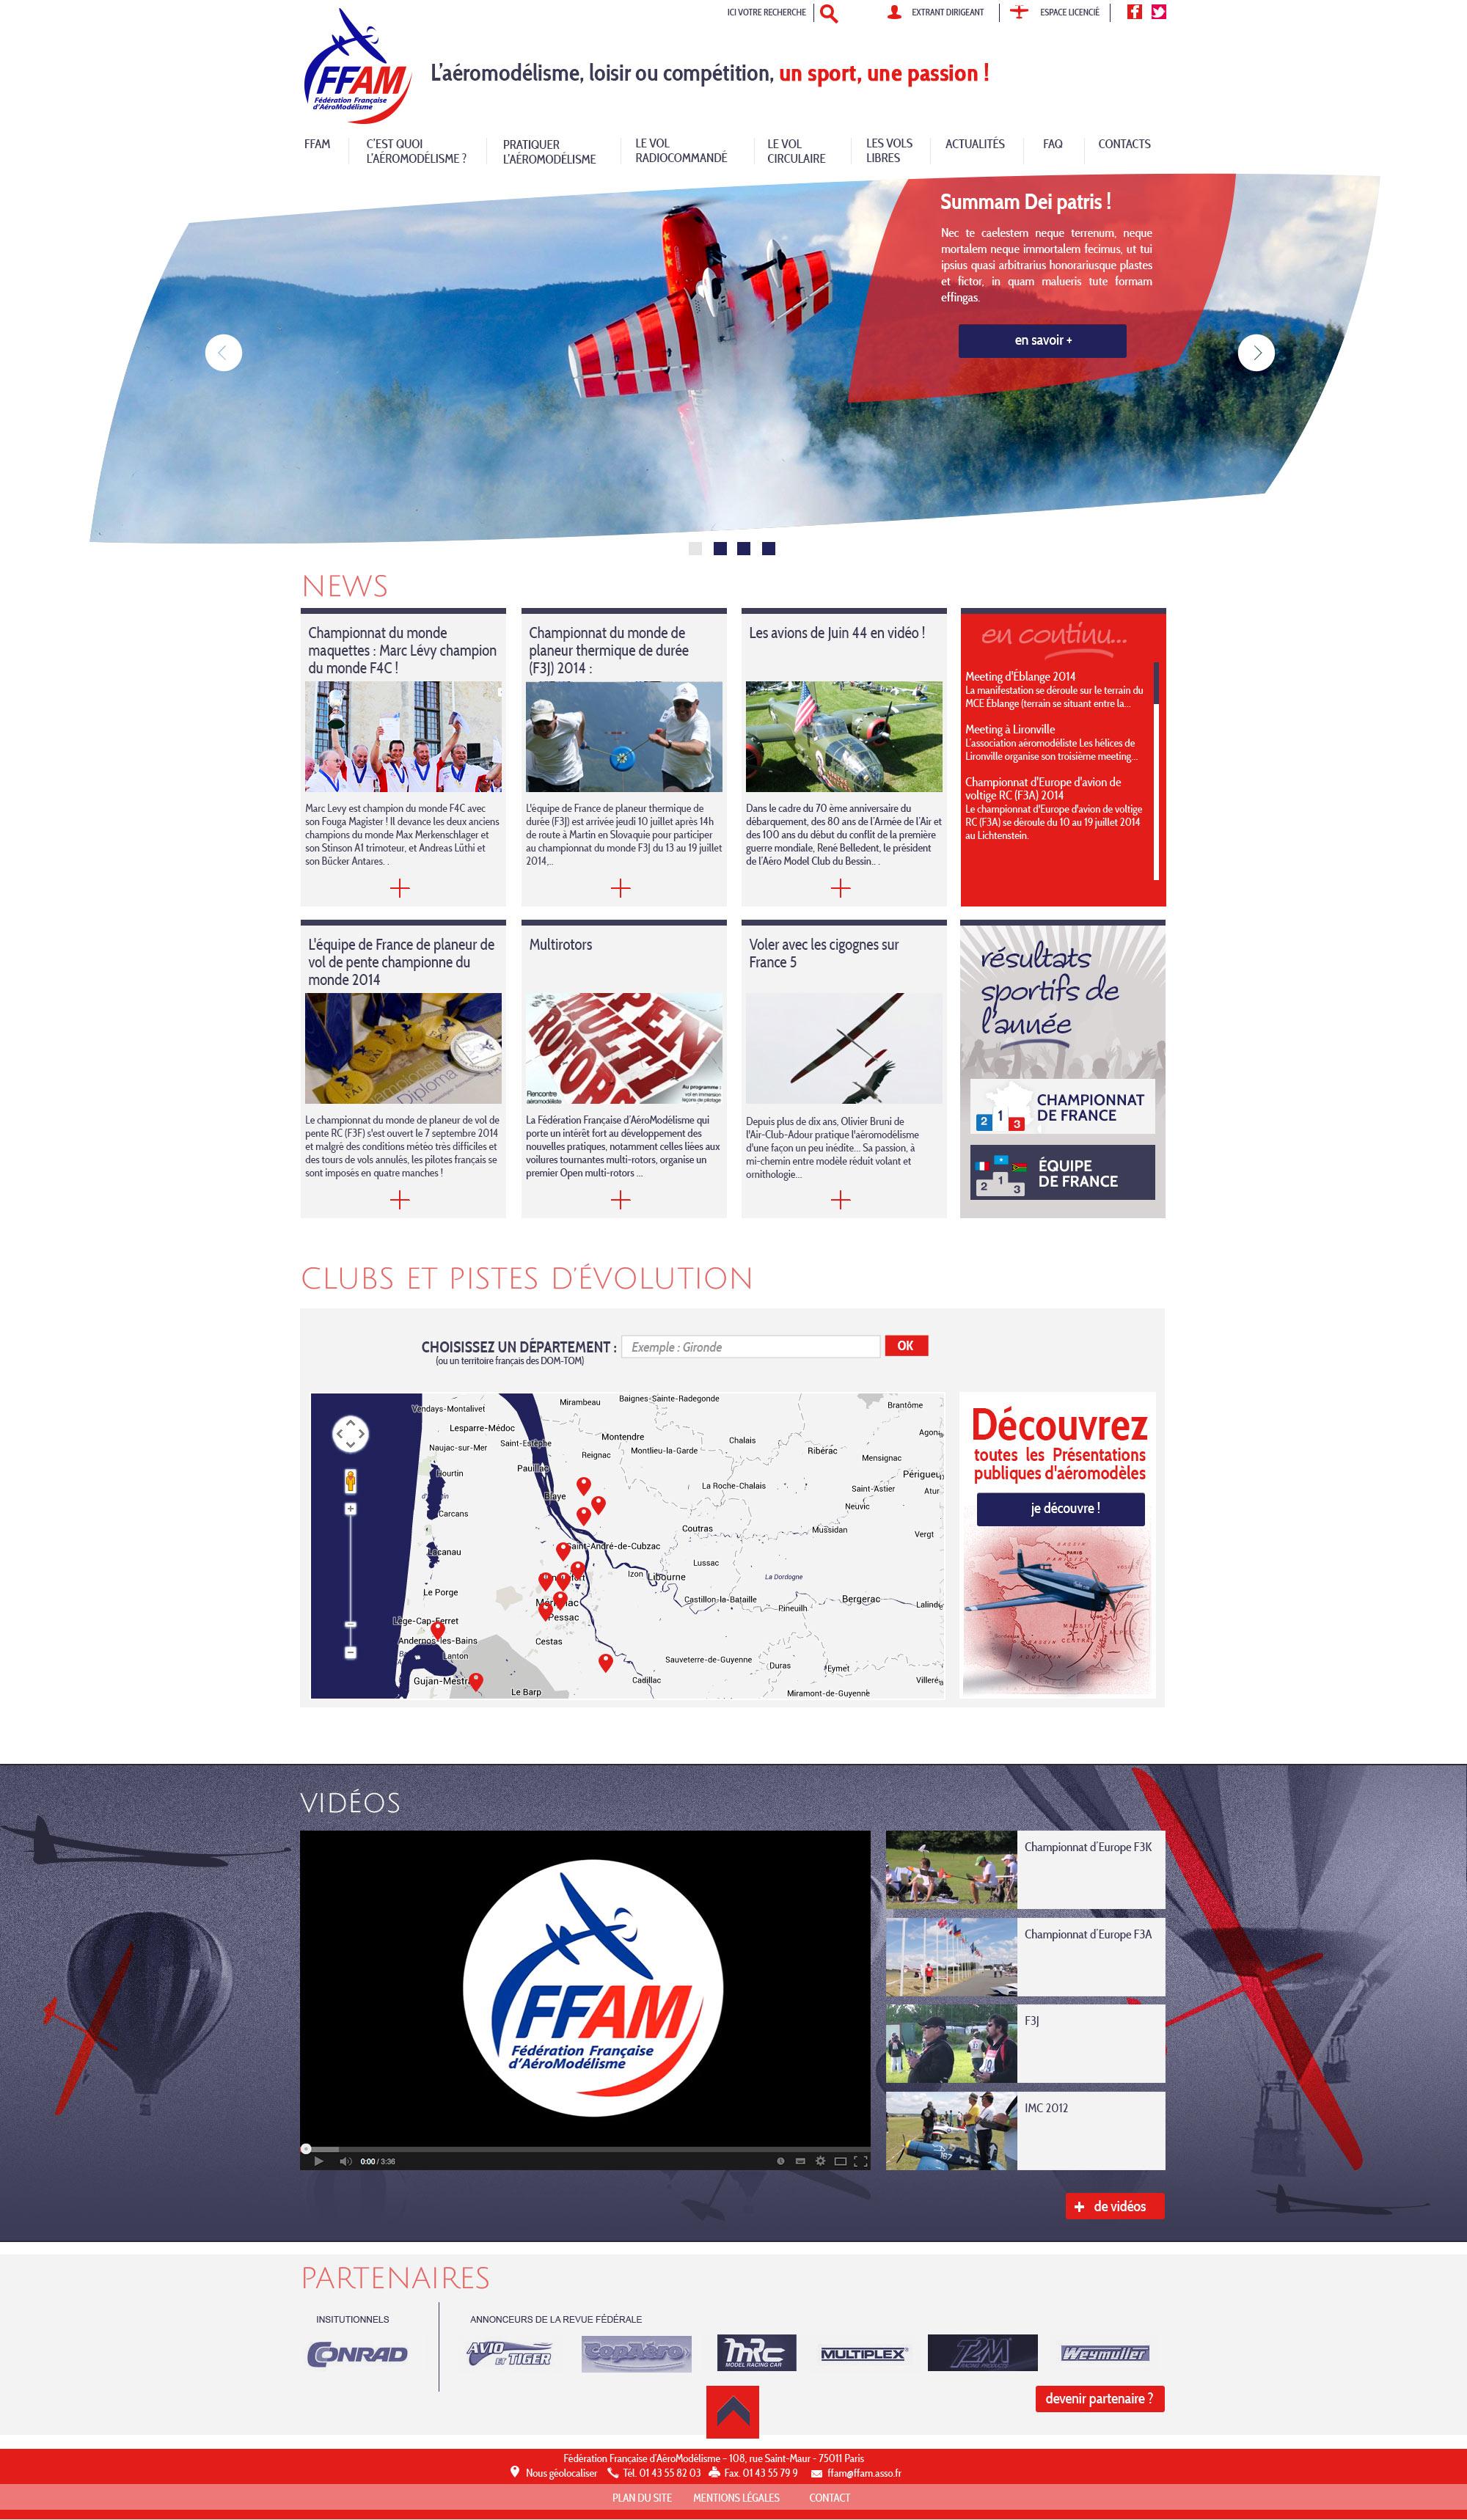 FFAM : webdesign du site de la Fédération française d'aéromodélisme